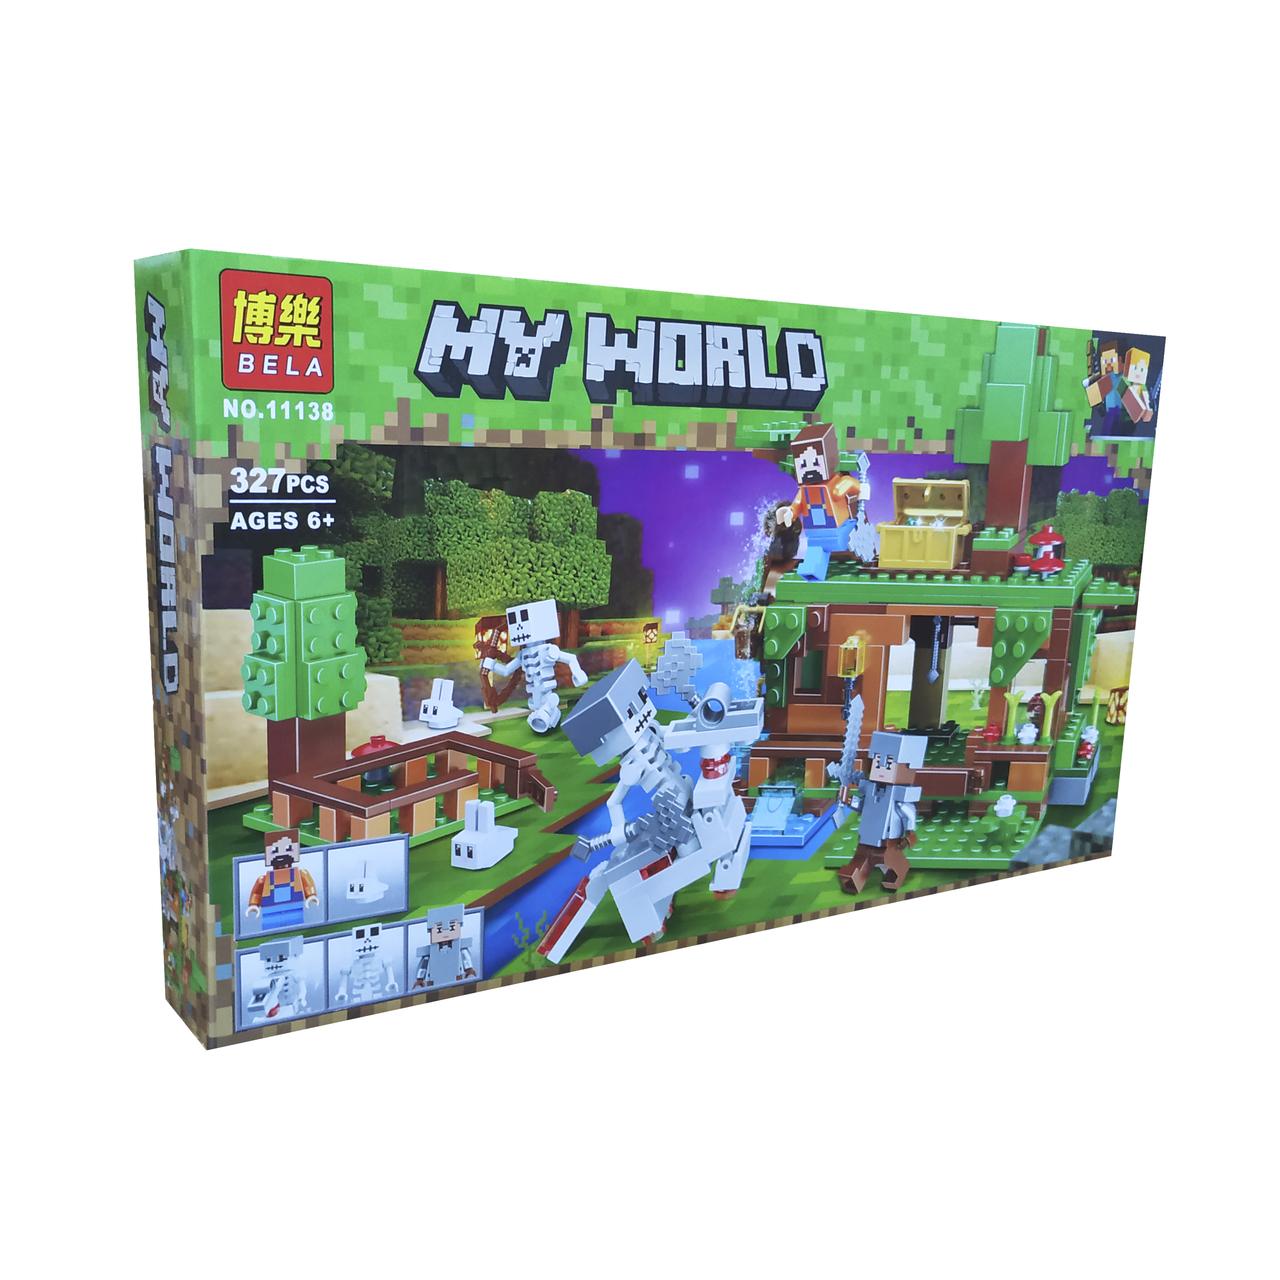 Конструктор Bela Minecraft Битва за сокровища, 327 деталей scs